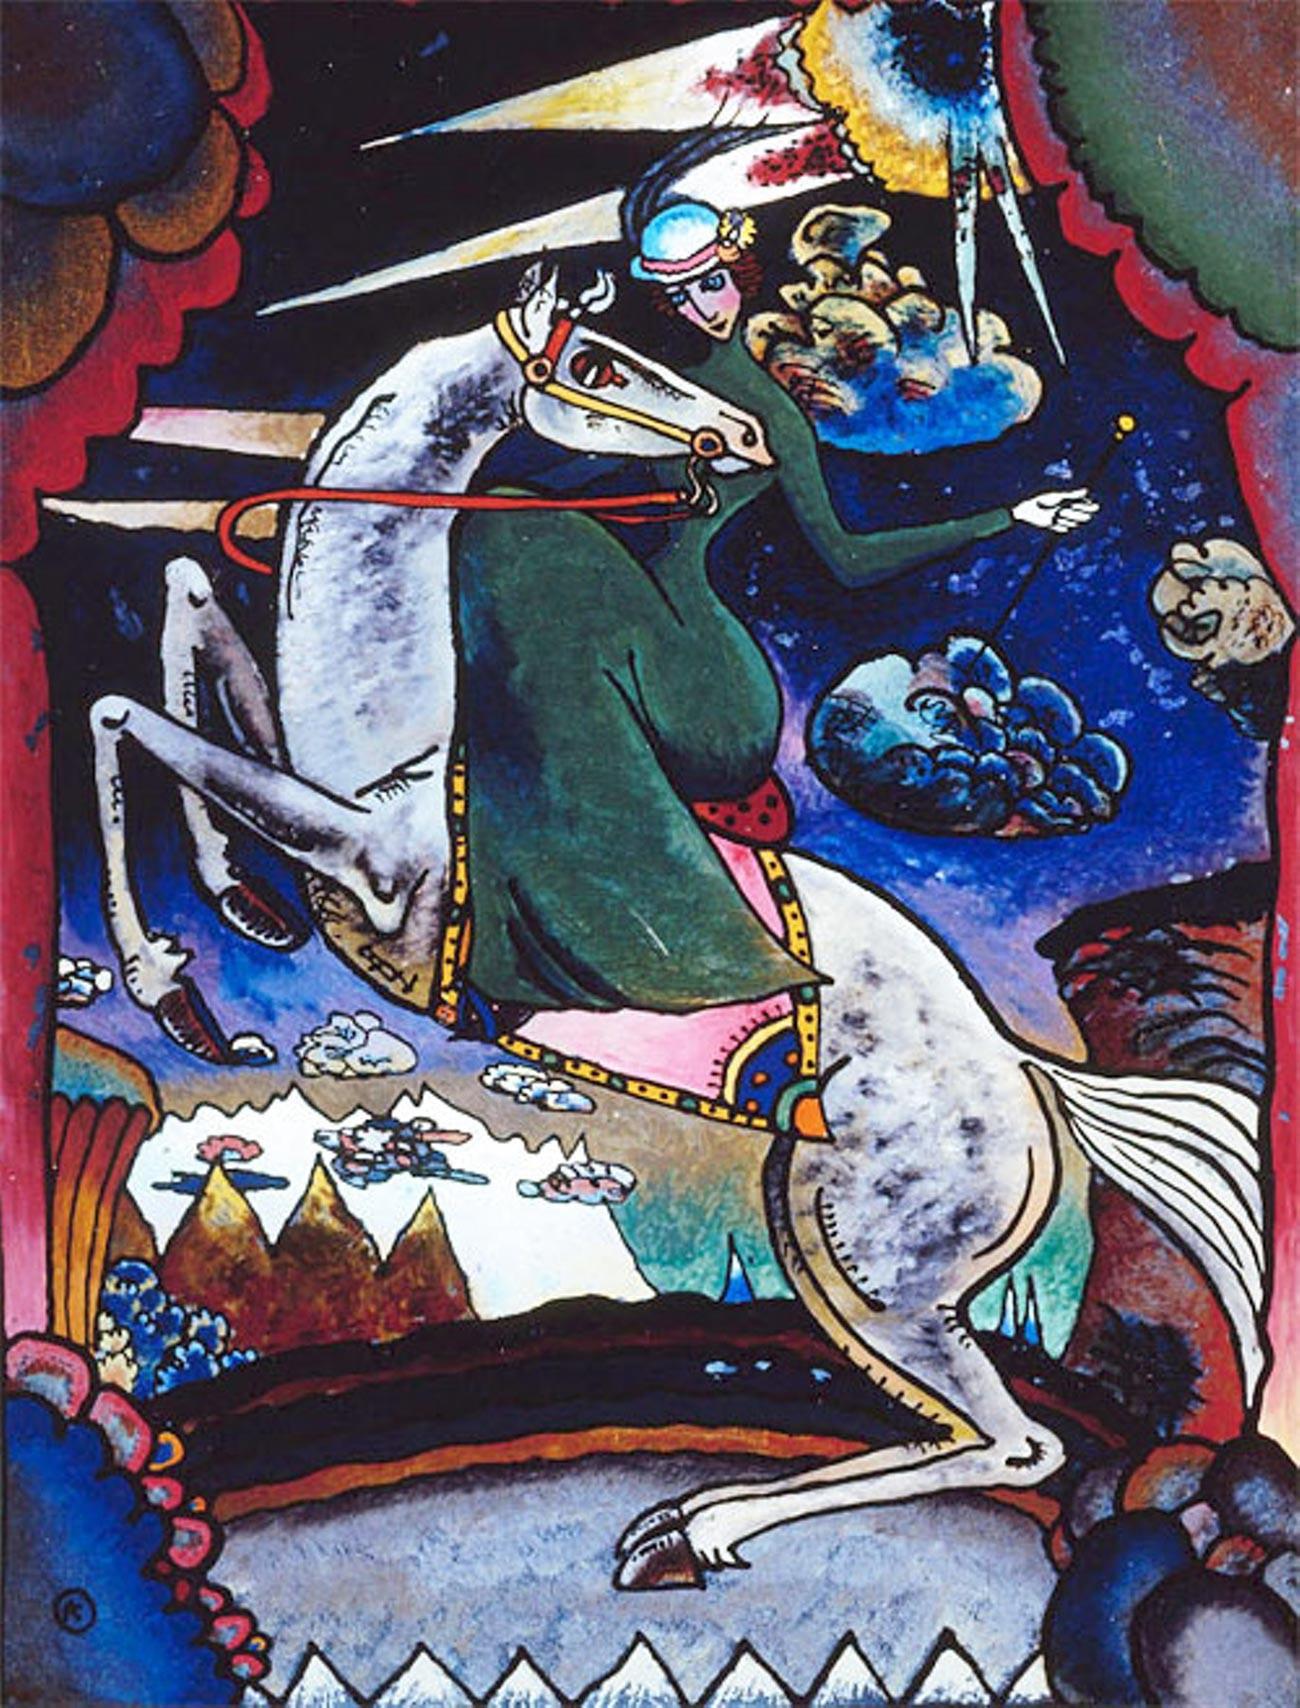 Fresco 'An Amazon in the mountains', W. Kandinsky, 1918.